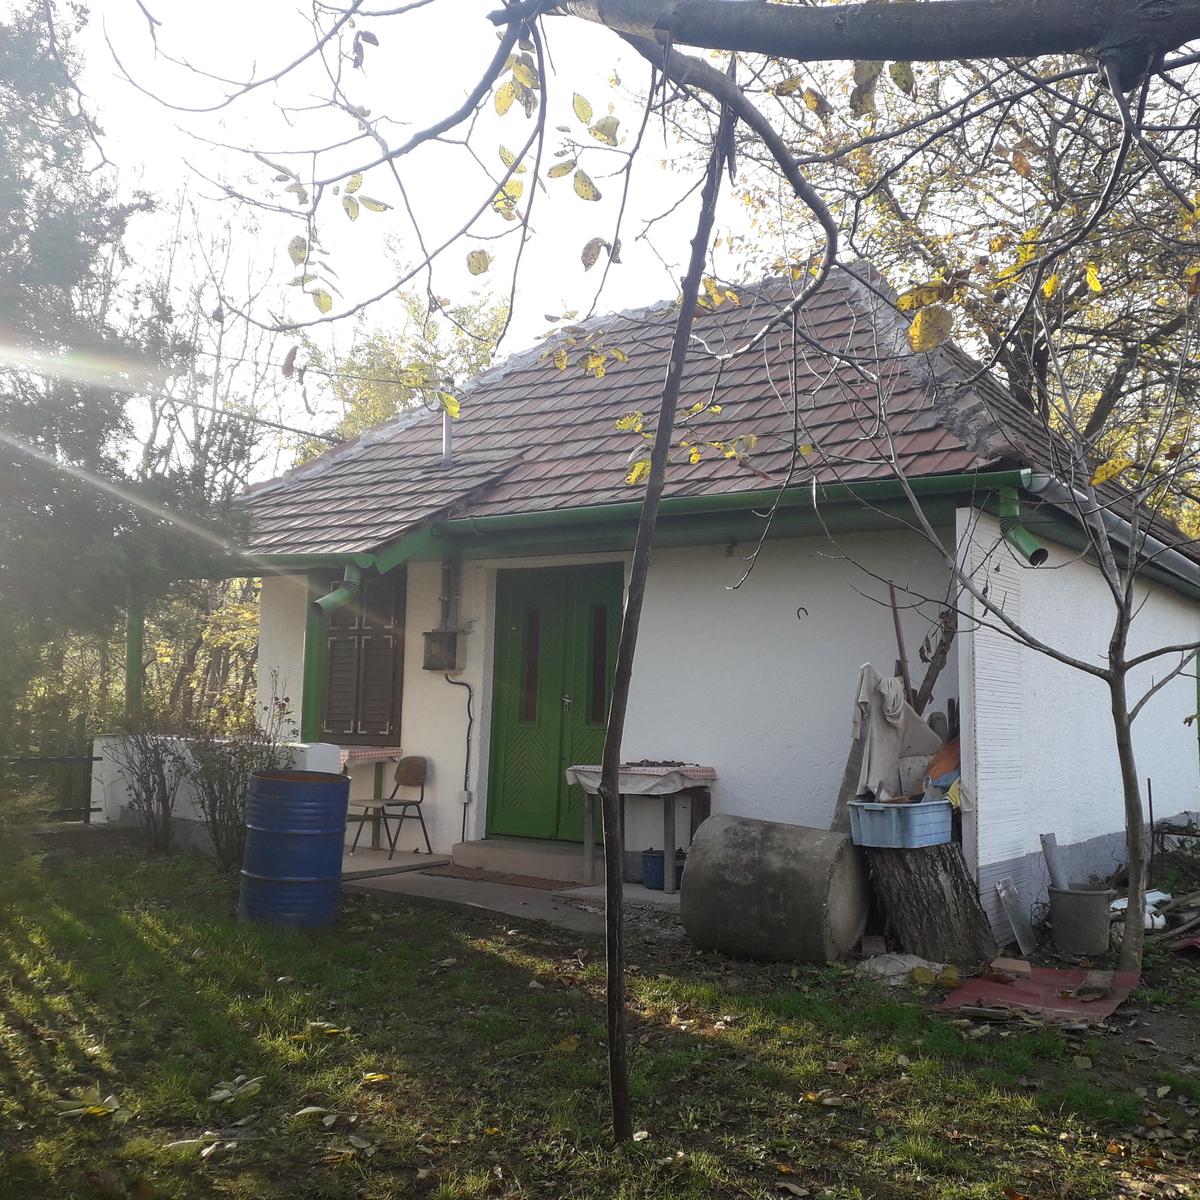 Eladó  mezőgazdasági ingatlan (Pest megye, Tök, Völgy út) 6,7 M  Ft